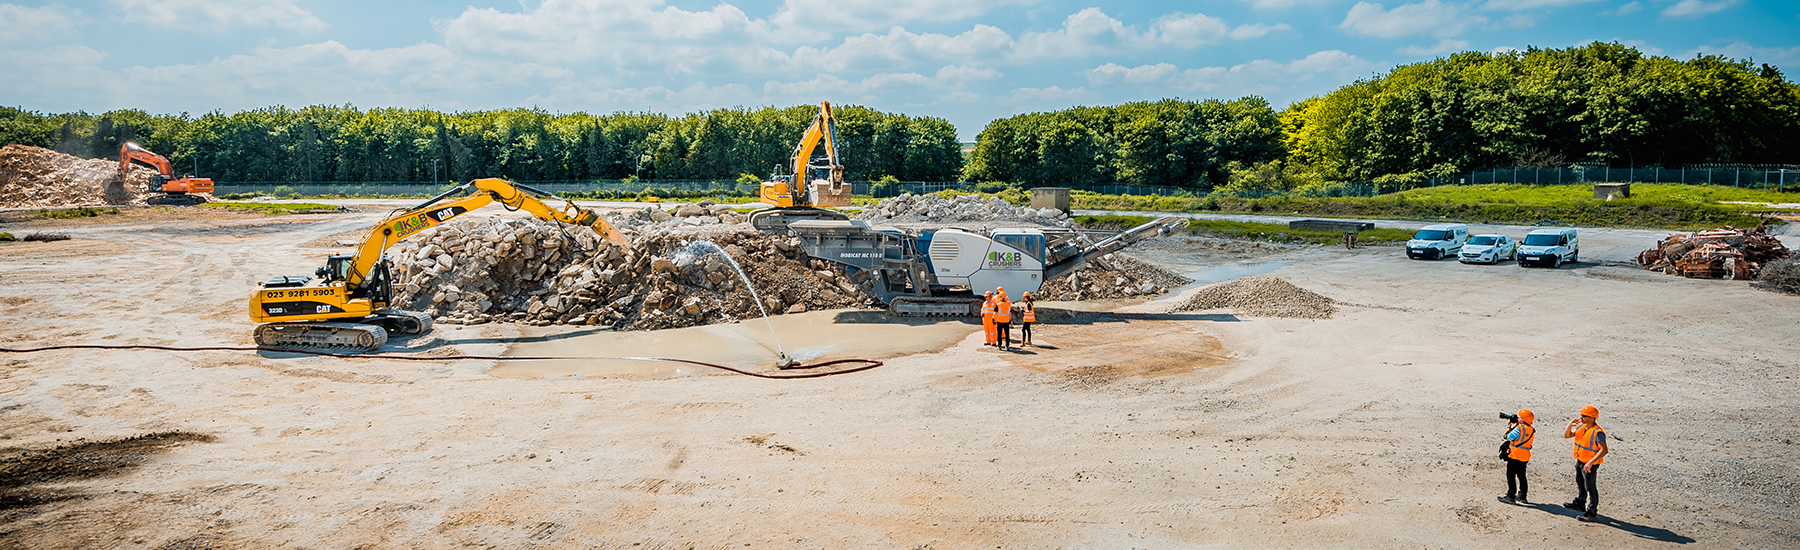 ConcreteCrushing_Banner.png